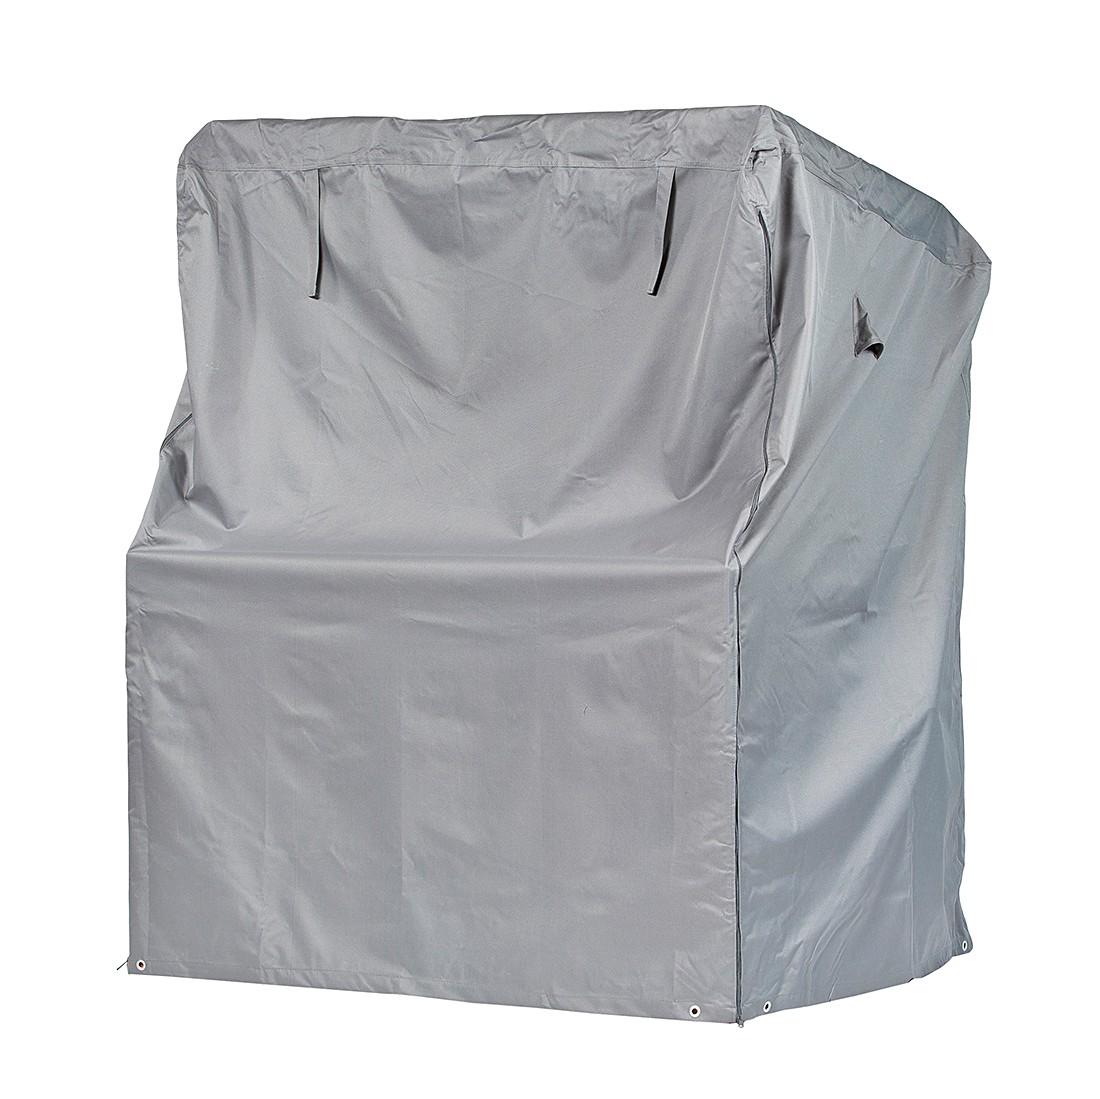 Schutzhülle Premium für Strandkorb (Breite: 125 cm) - Polyester, mehr Garten